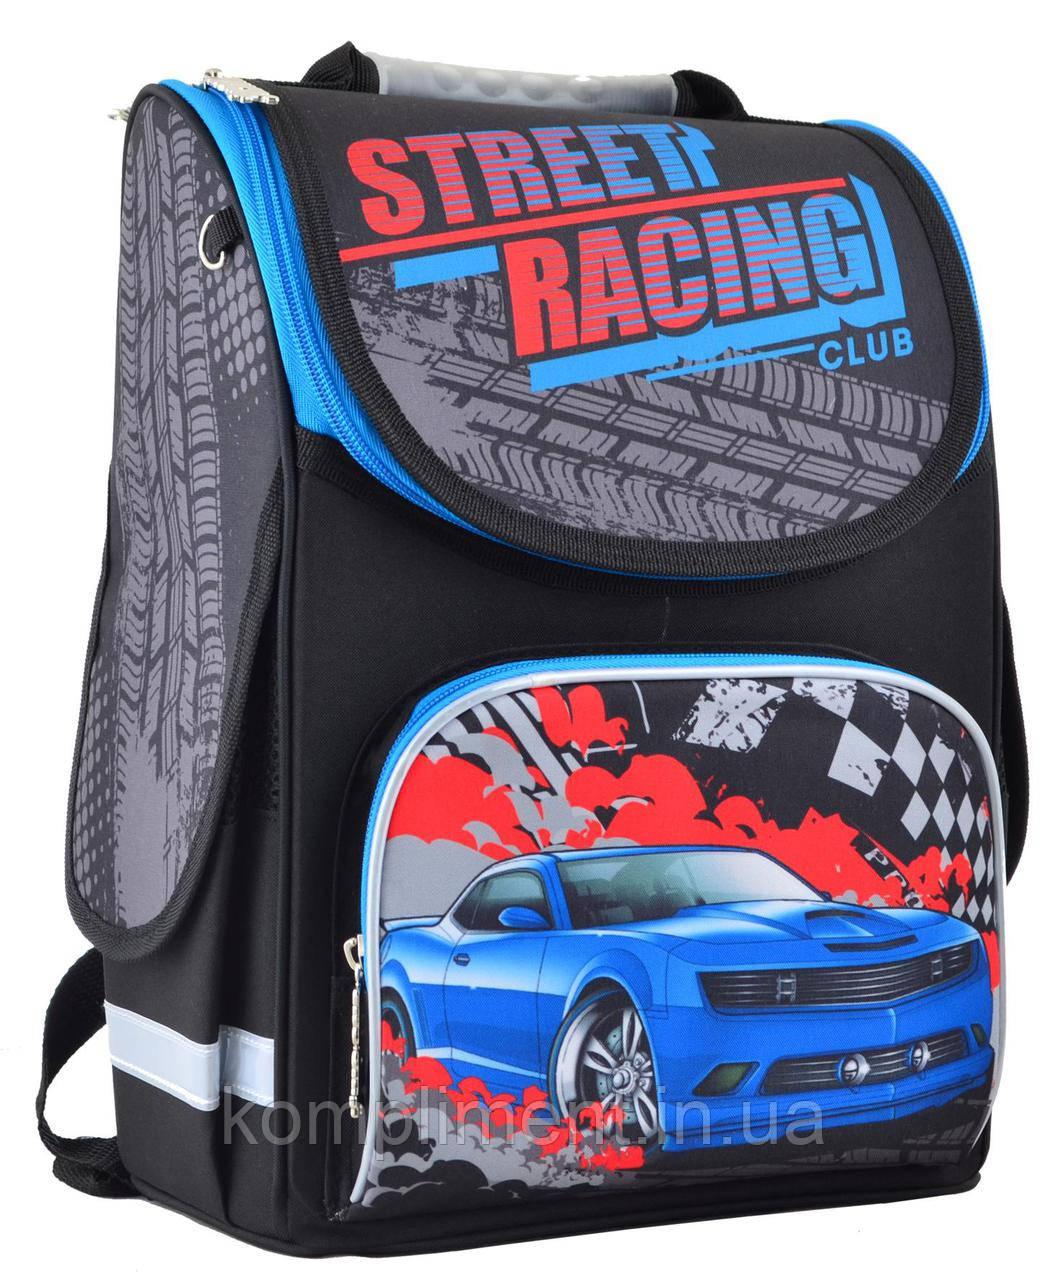 Рюкзак каркасный ортопедический  для мальчика  PG-11 Street racing , SMART